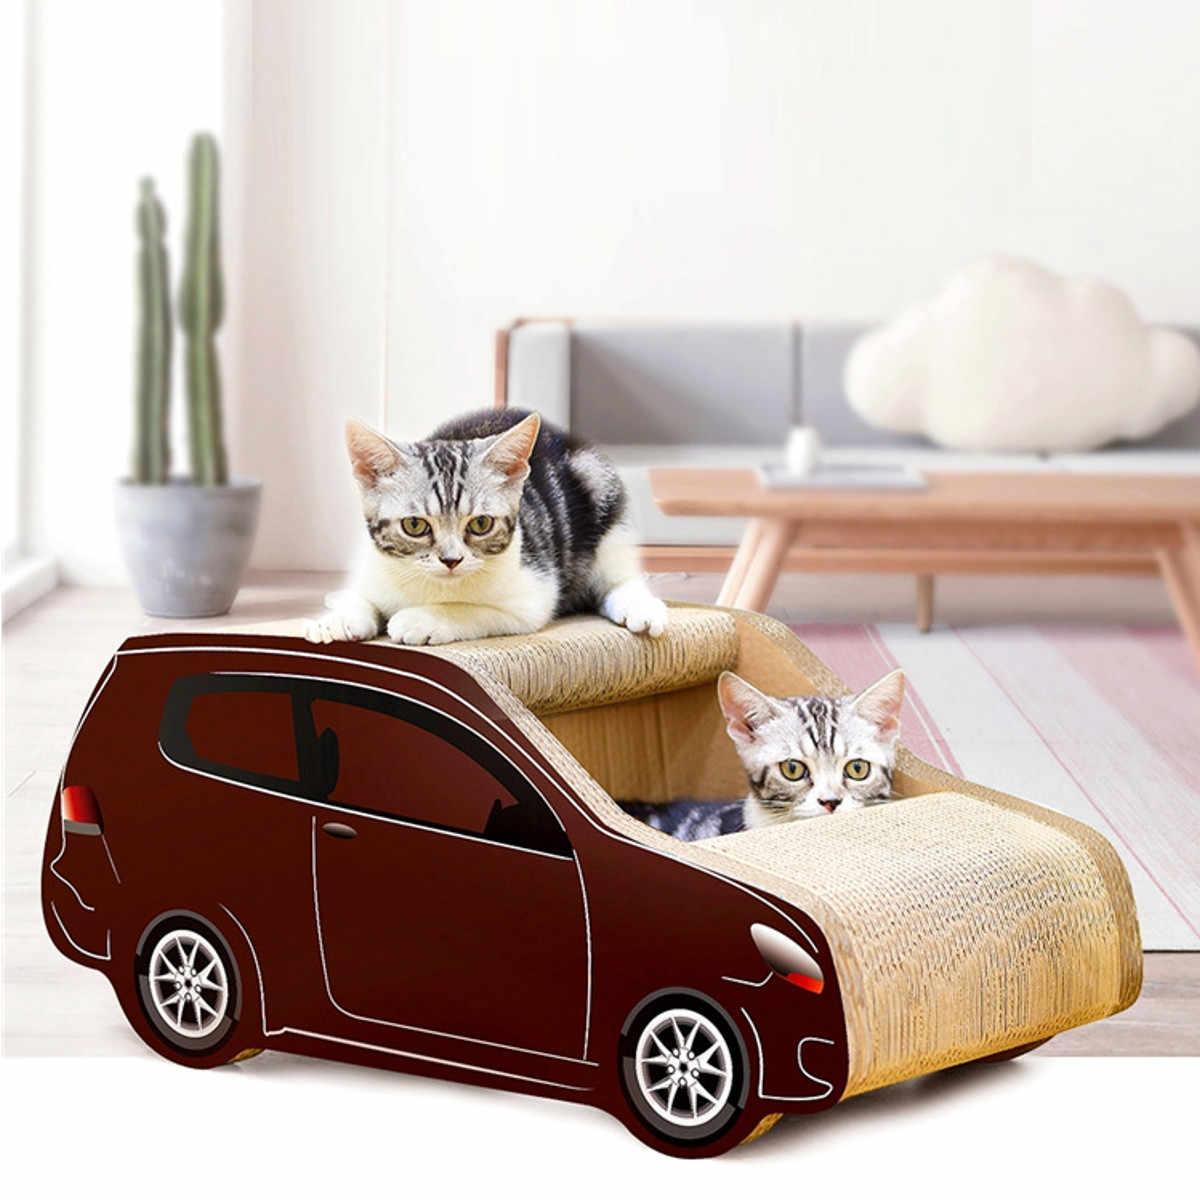 Dom dla kotów miękka poduszka legowisko dla kota z kotami zabawki przenośne dla zwierząt domowych domu 3 Tier dom zabaw mieszkanie salon łóżko drewniane kolor nowy